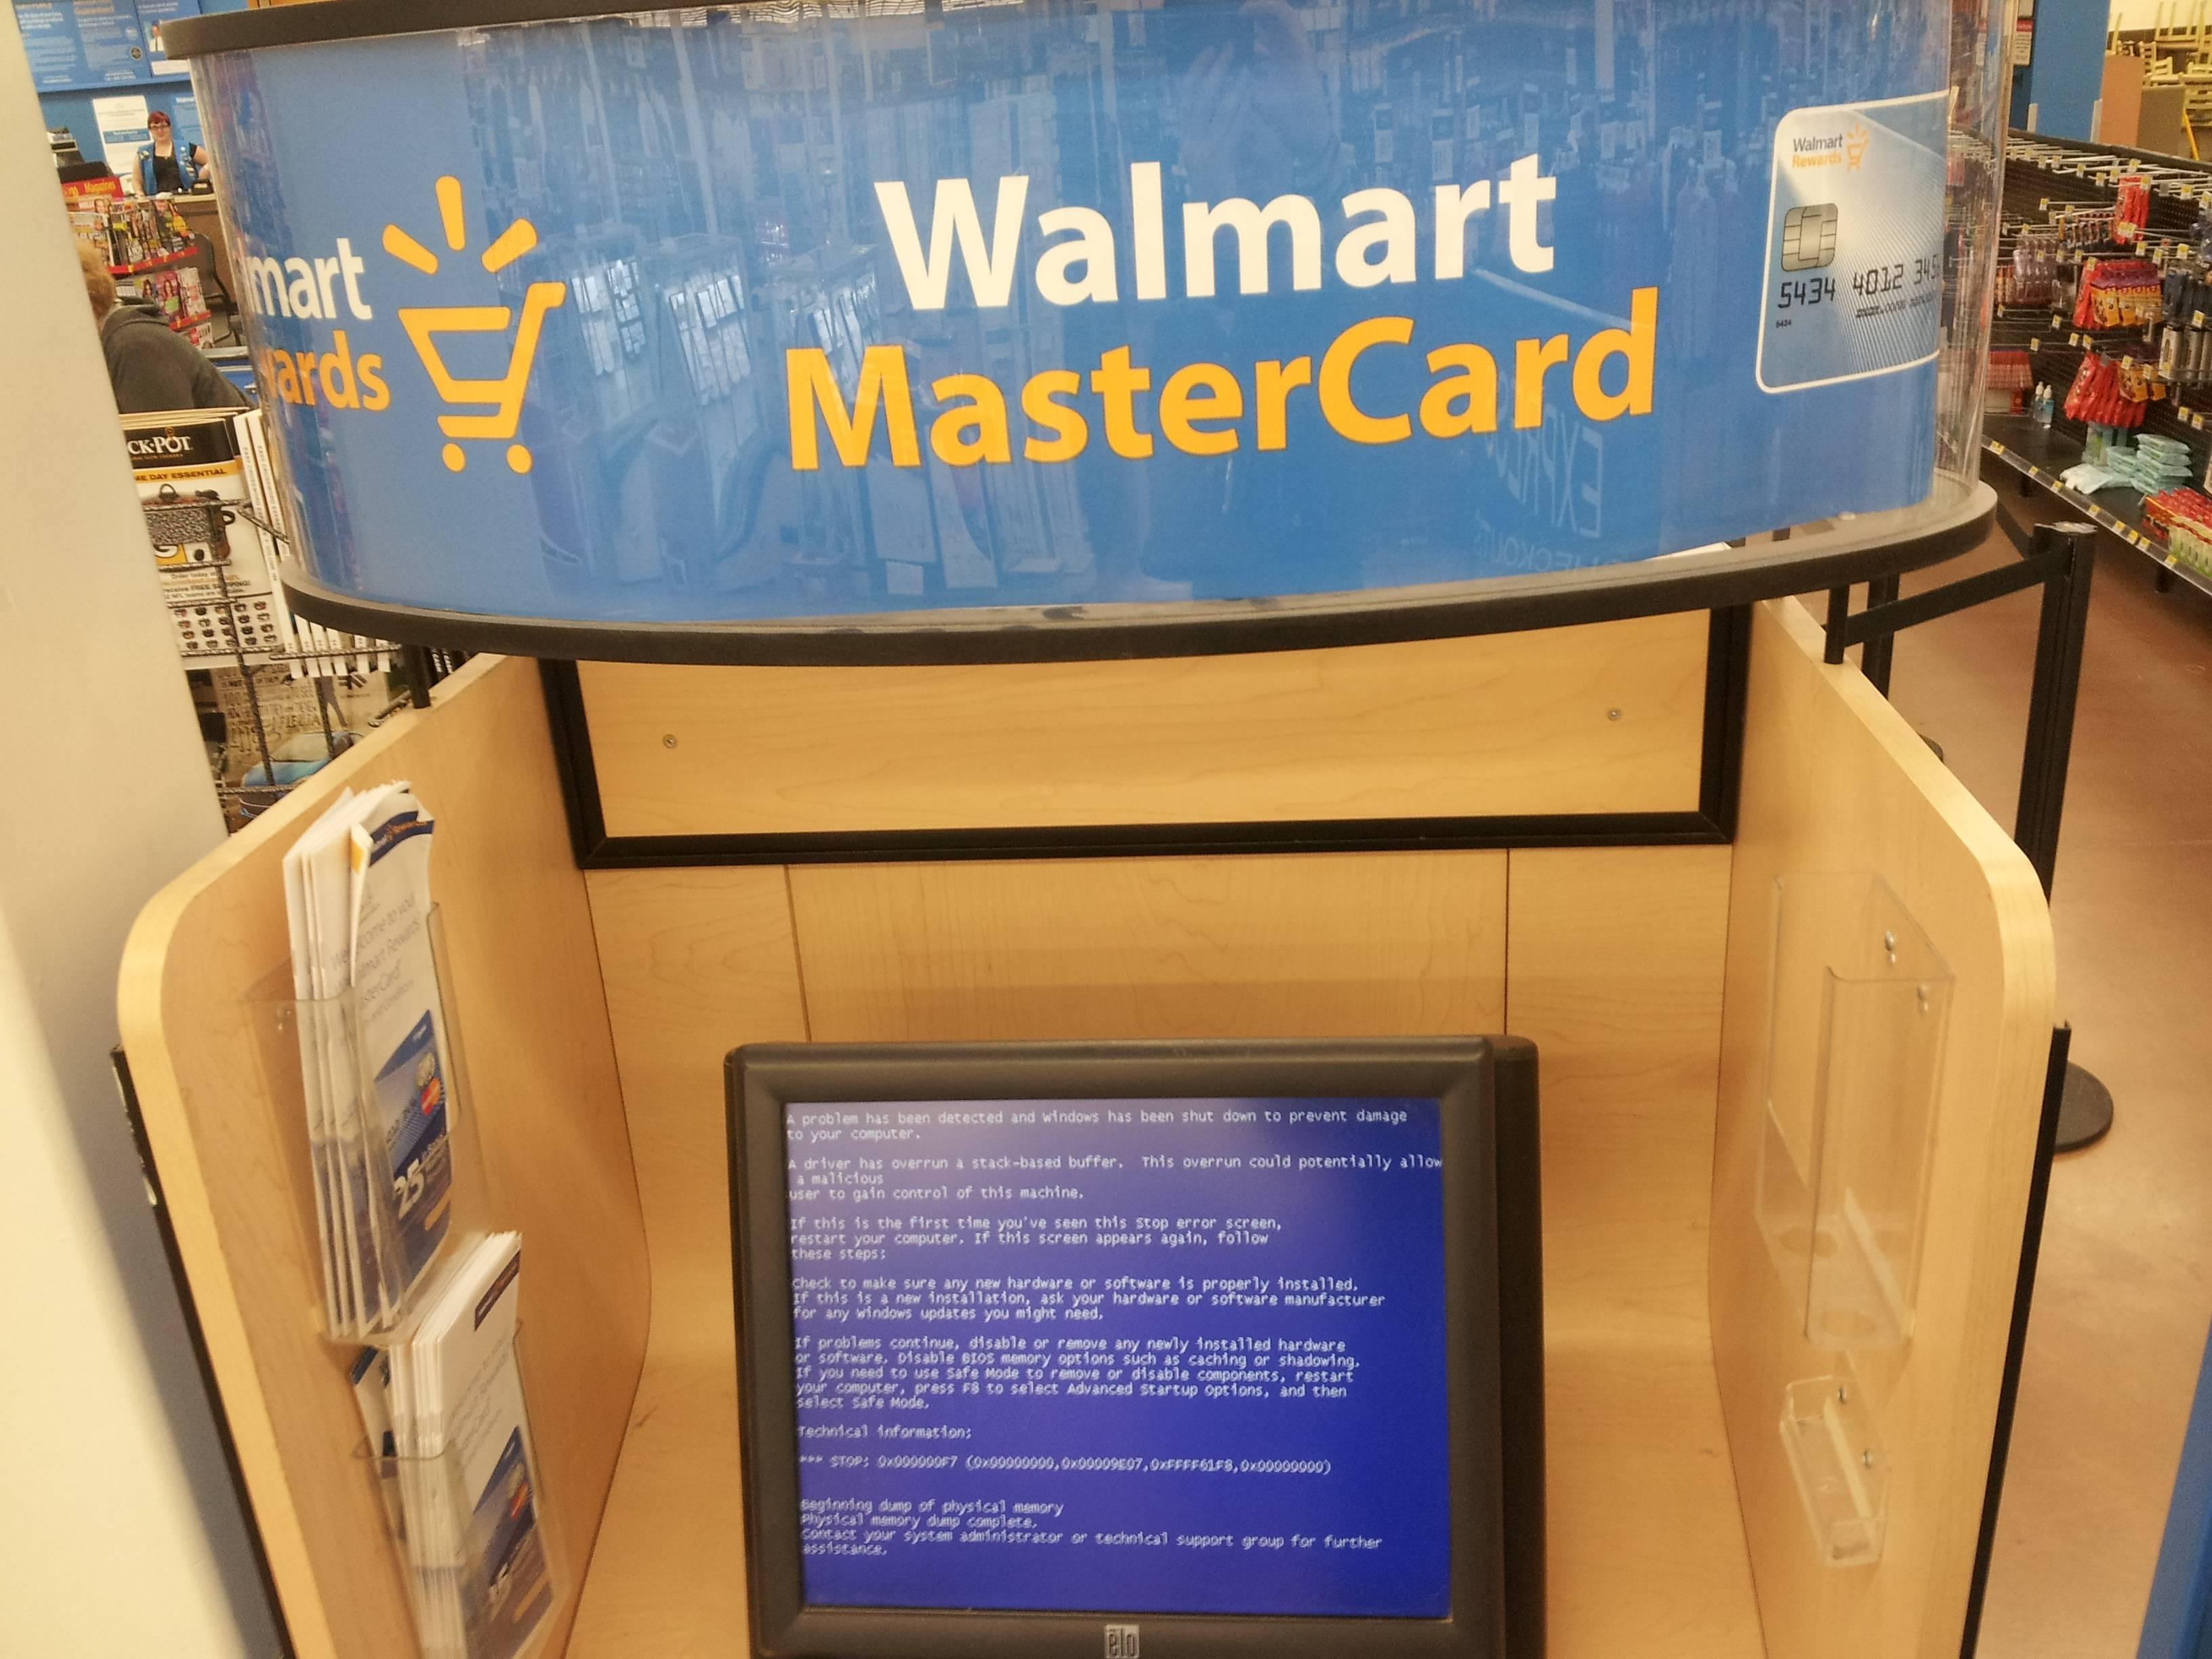 walmart_mastercard